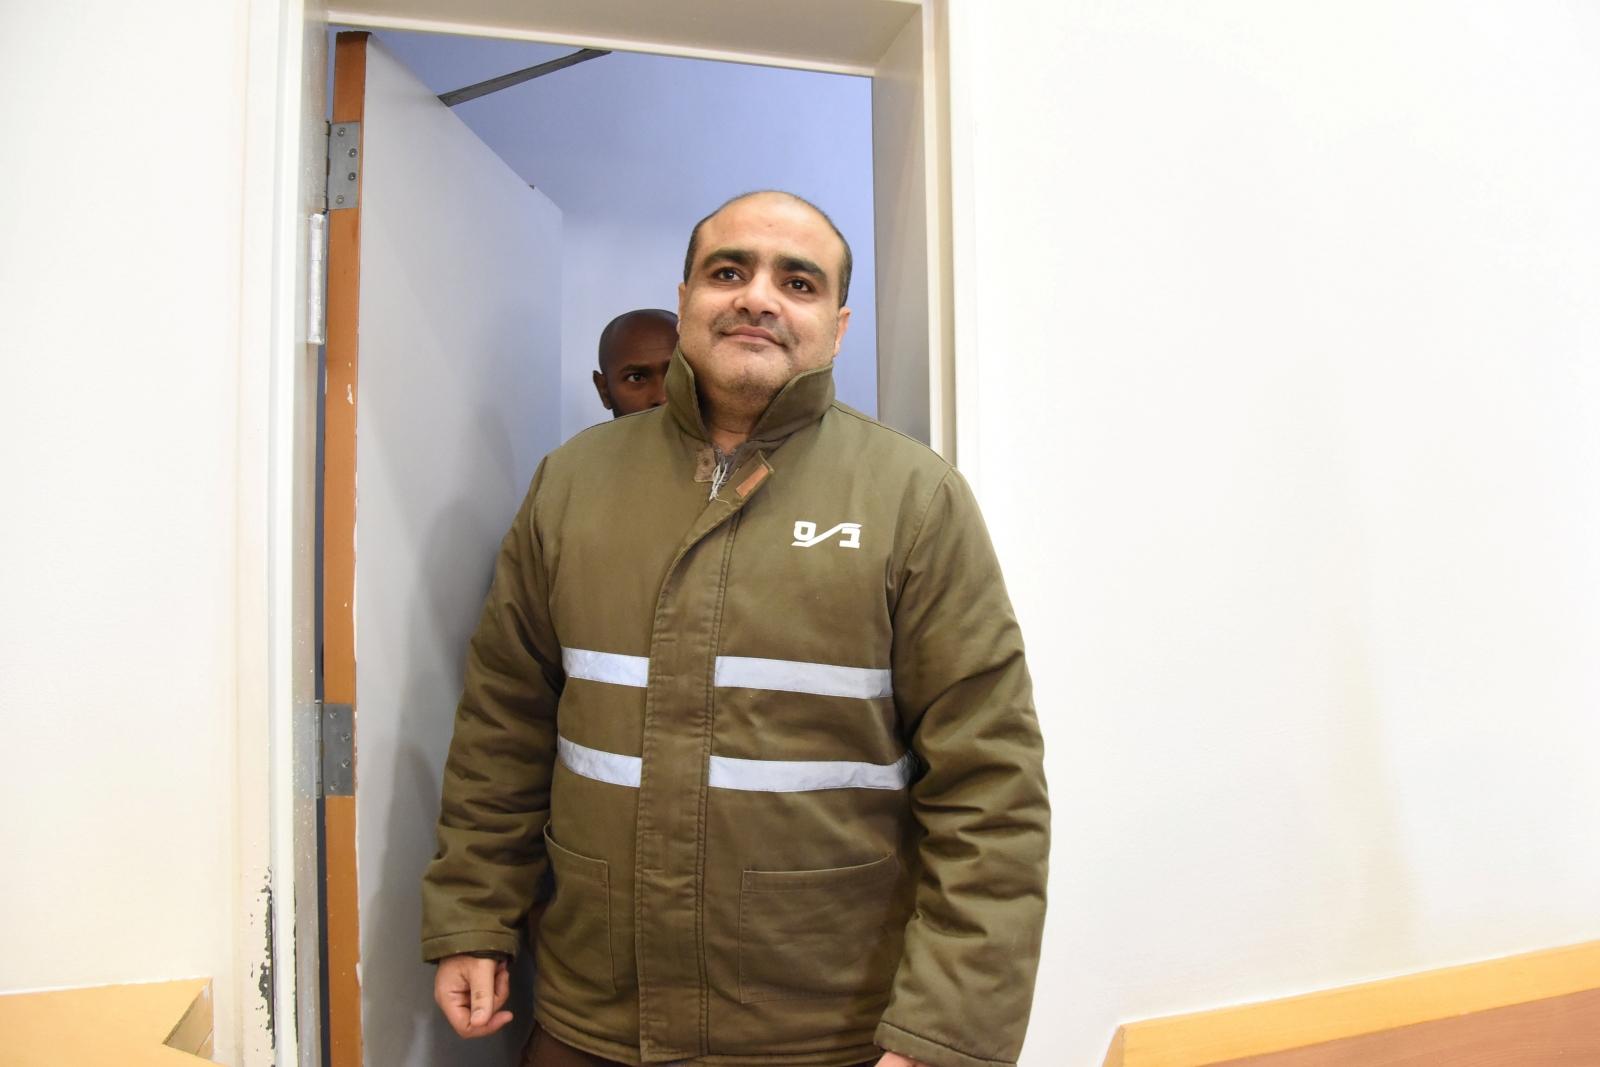 Mohammad El-Halabi